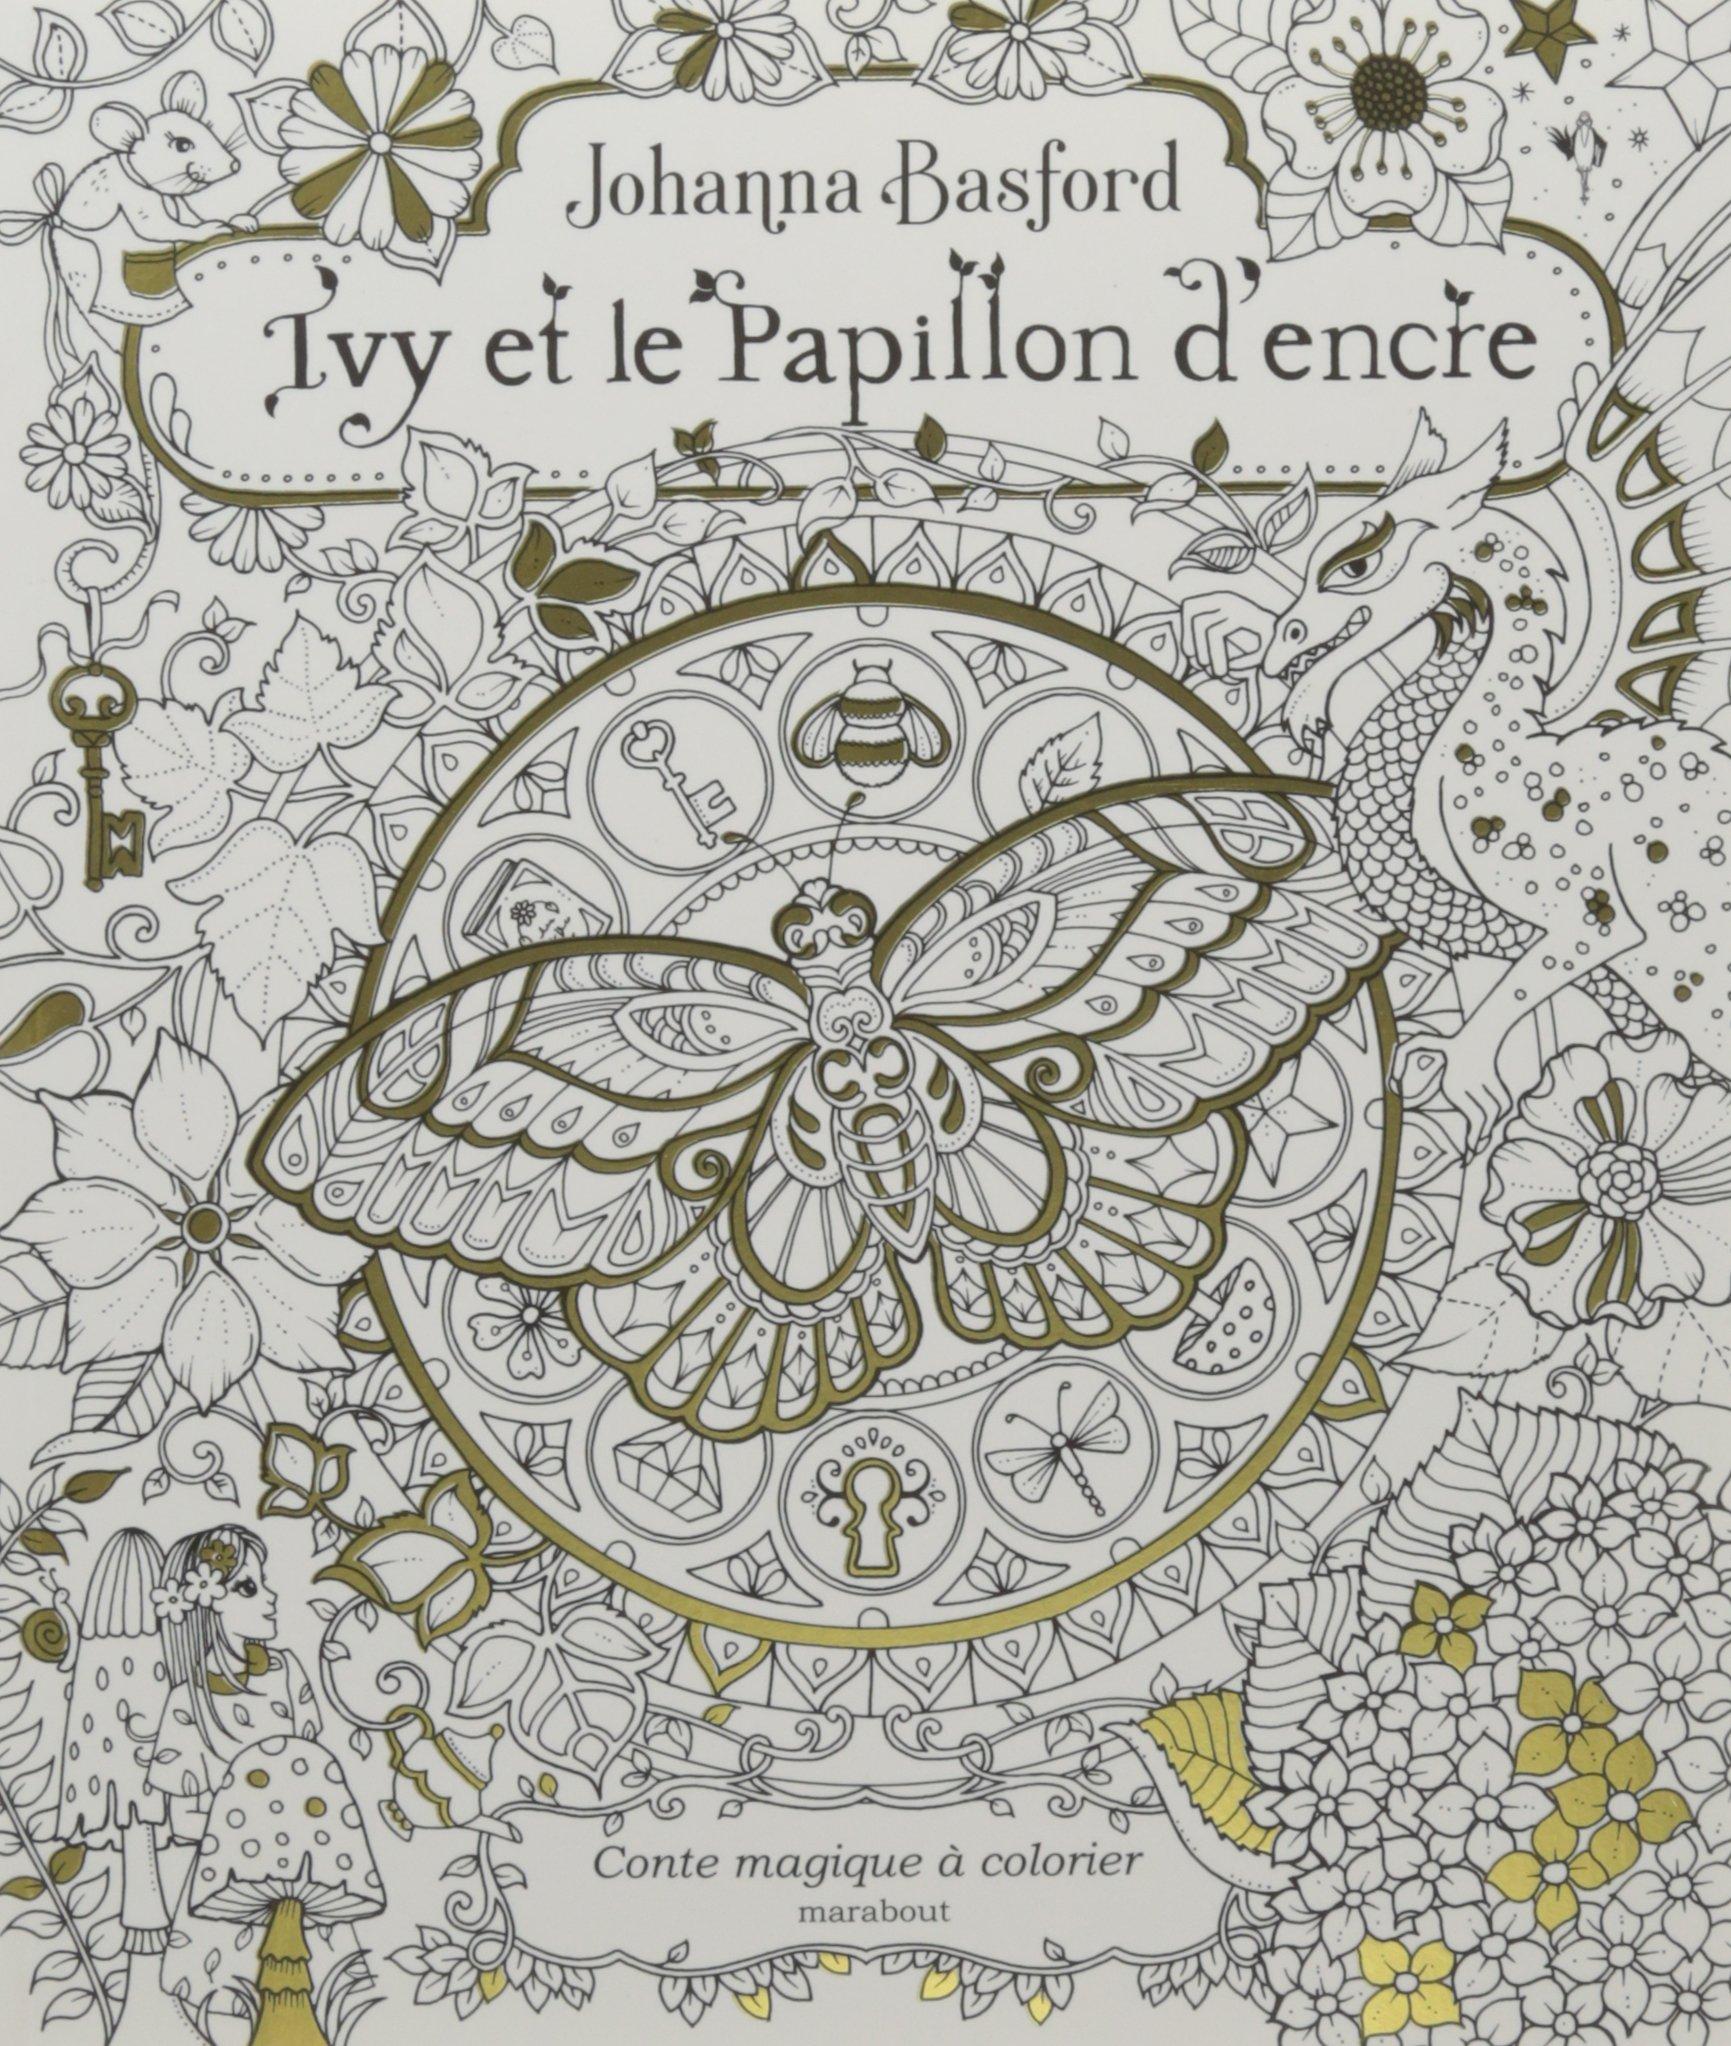 IVY ET LE PAPILLON DENCRE Amazonca JOHANNA BASFORD Books